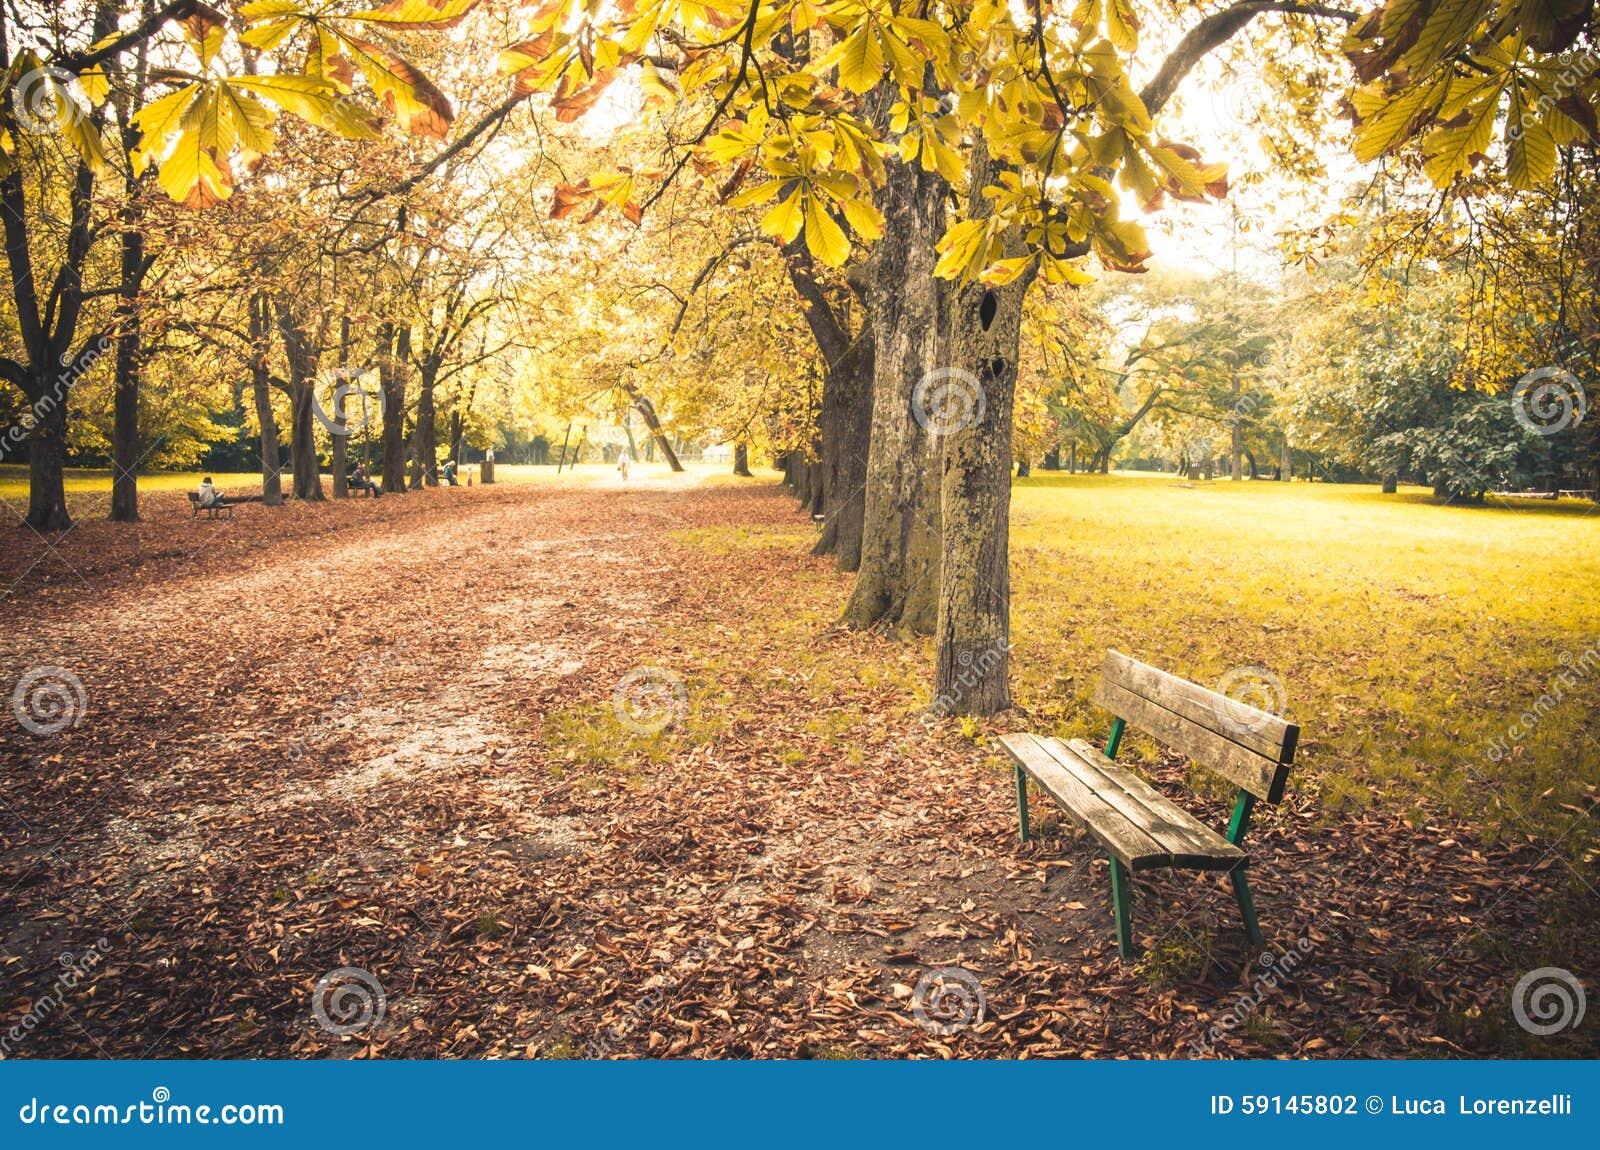 banc de parc de saison d 39 automne en parc public photo stock image du couleurs arbre 59145802. Black Bedroom Furniture Sets. Home Design Ideas